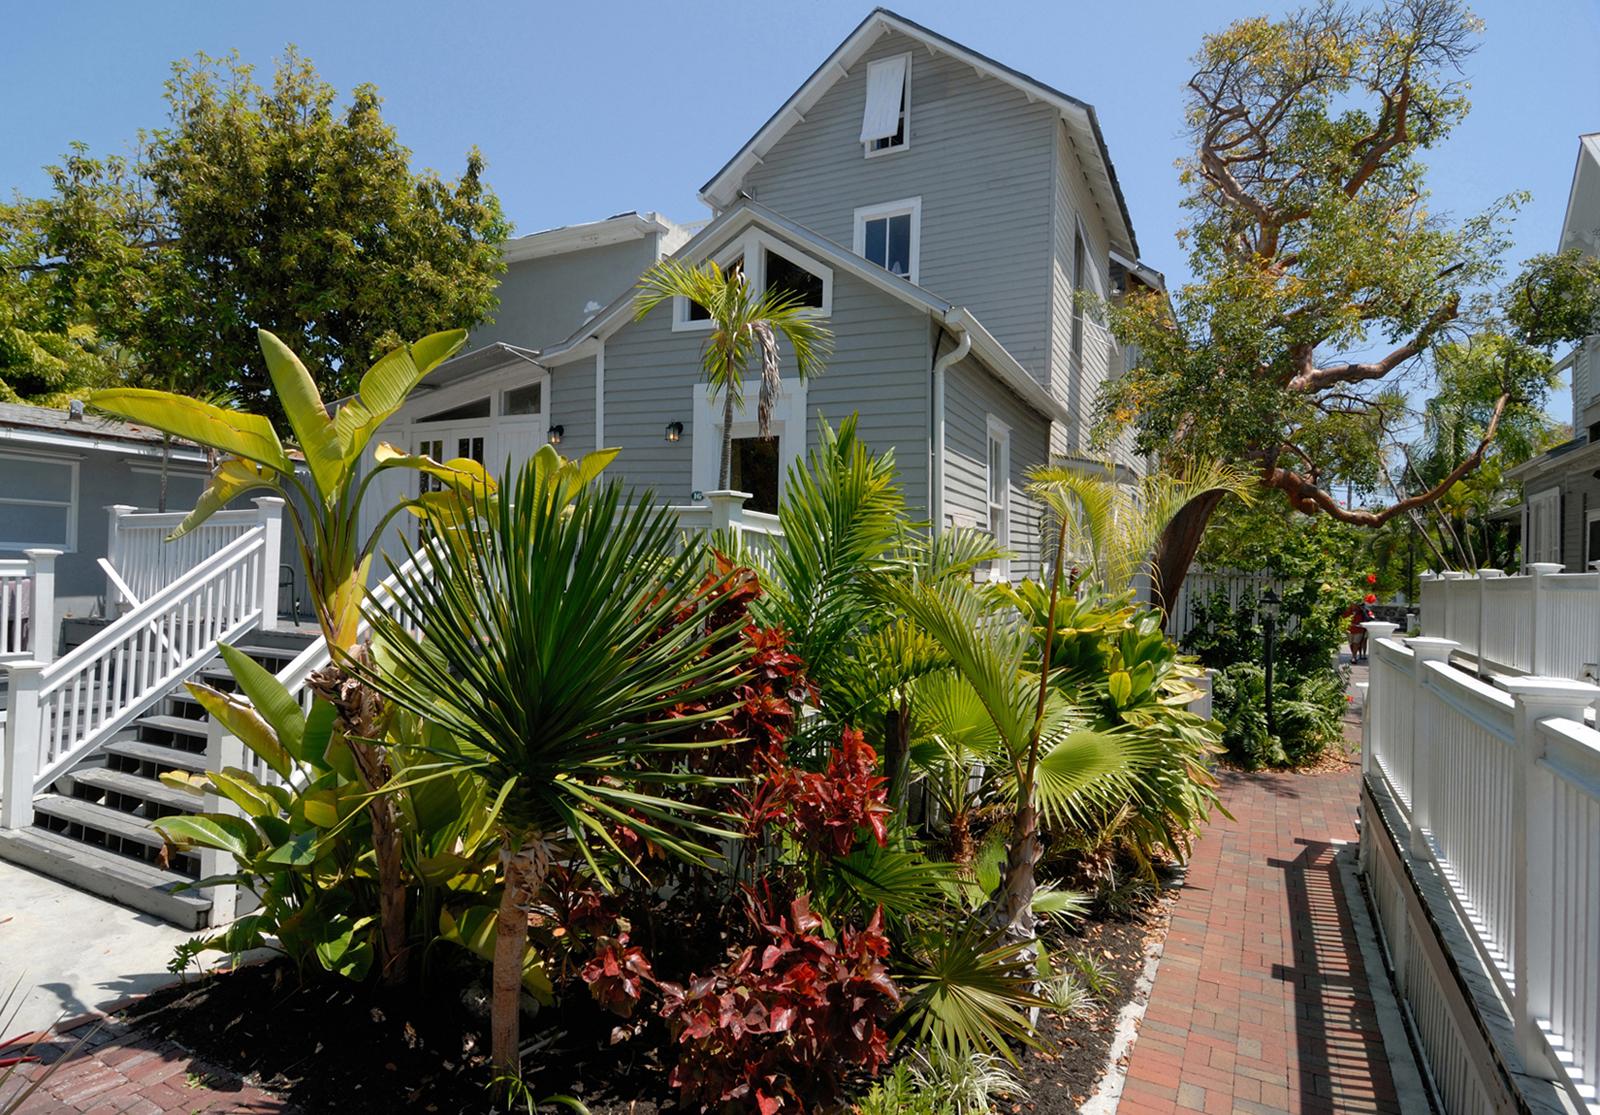 historic key west inns key west florida. Black Bedroom Furniture Sets. Home Design Ideas